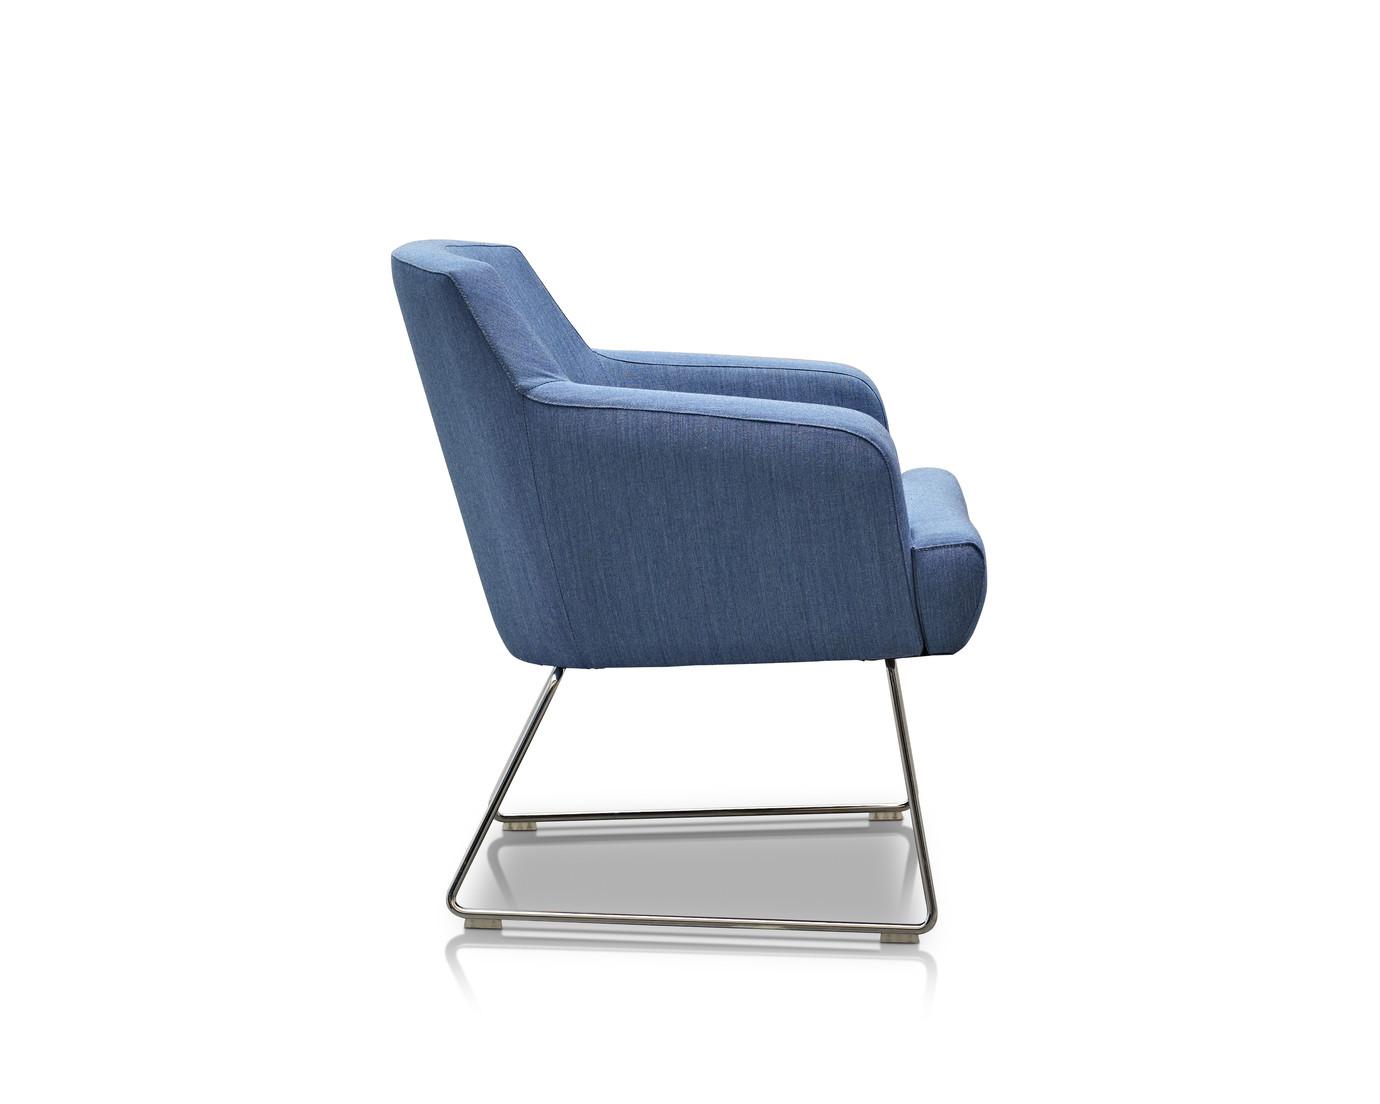 4-Silla-Multiuso-Jetty-Lounge-Lateral-1380